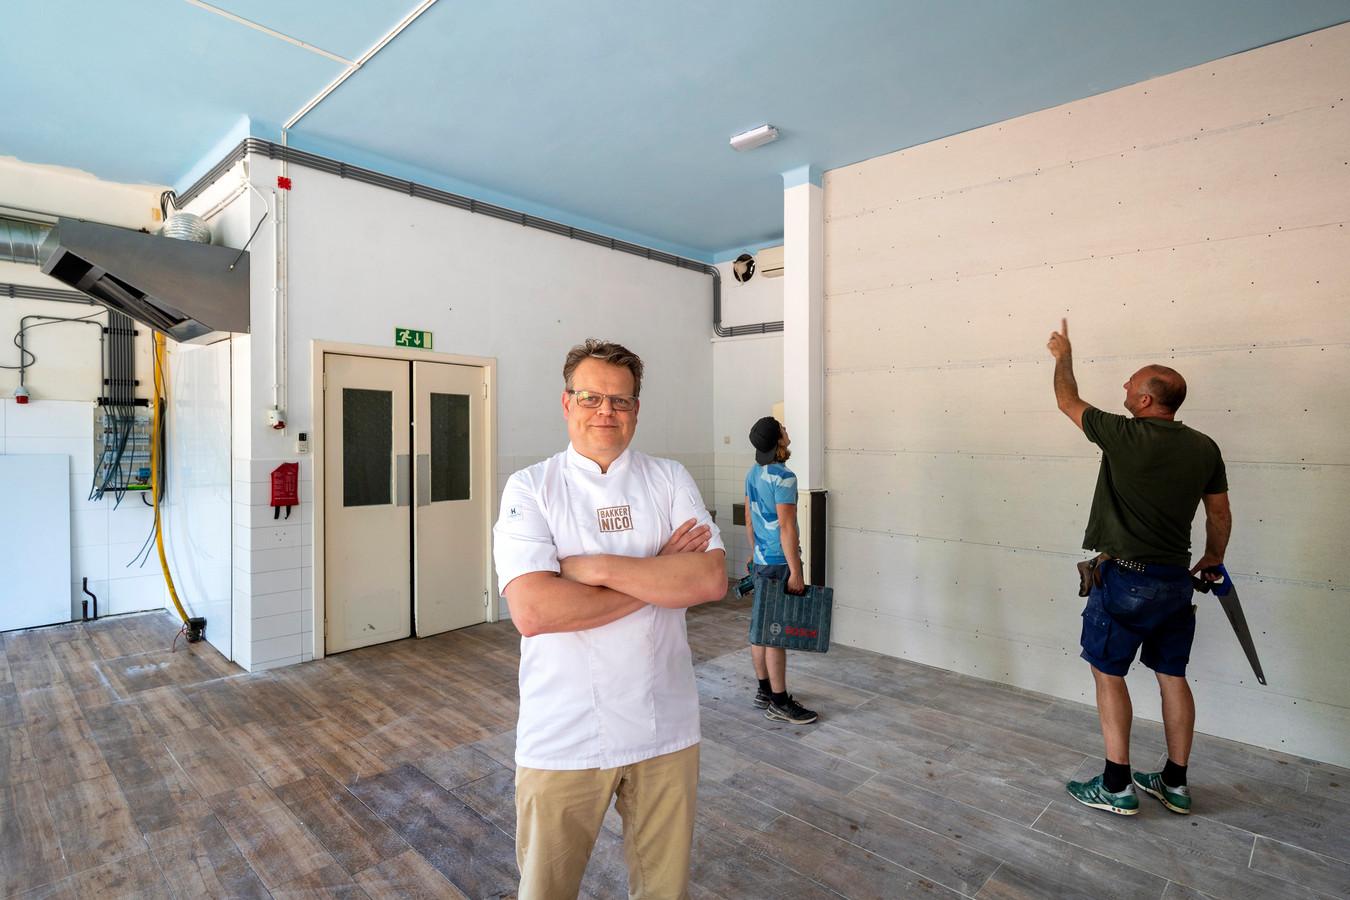 Oosterbeek, 14 juni 2021. Bakker Nico van Meijdel in zijn nieuwe bakkerszaak aan de achterkant van restaurant Schoonoord. Hij gaat het pand verbouwen. Daarvoor begint hij een crowdfundingsactie. dgfoto . Foto: Gerard Burgers